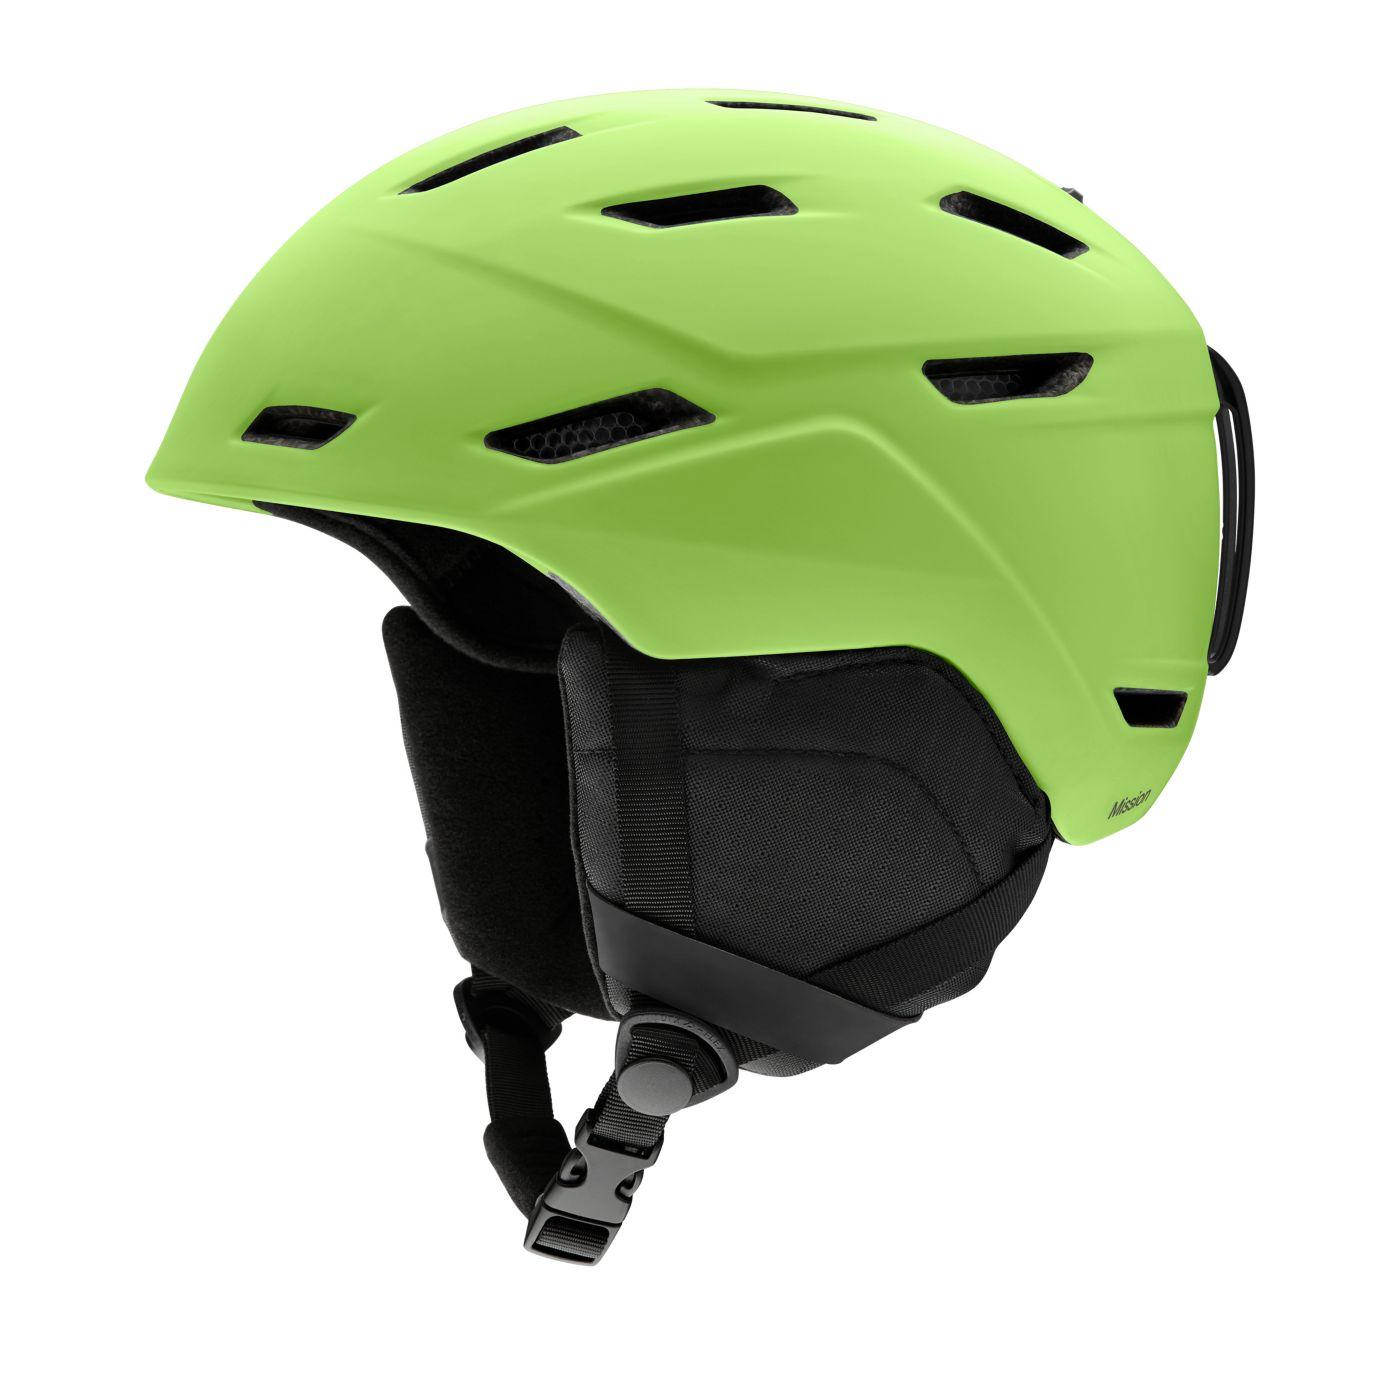 SMITH Adult Mission Snow Helmet